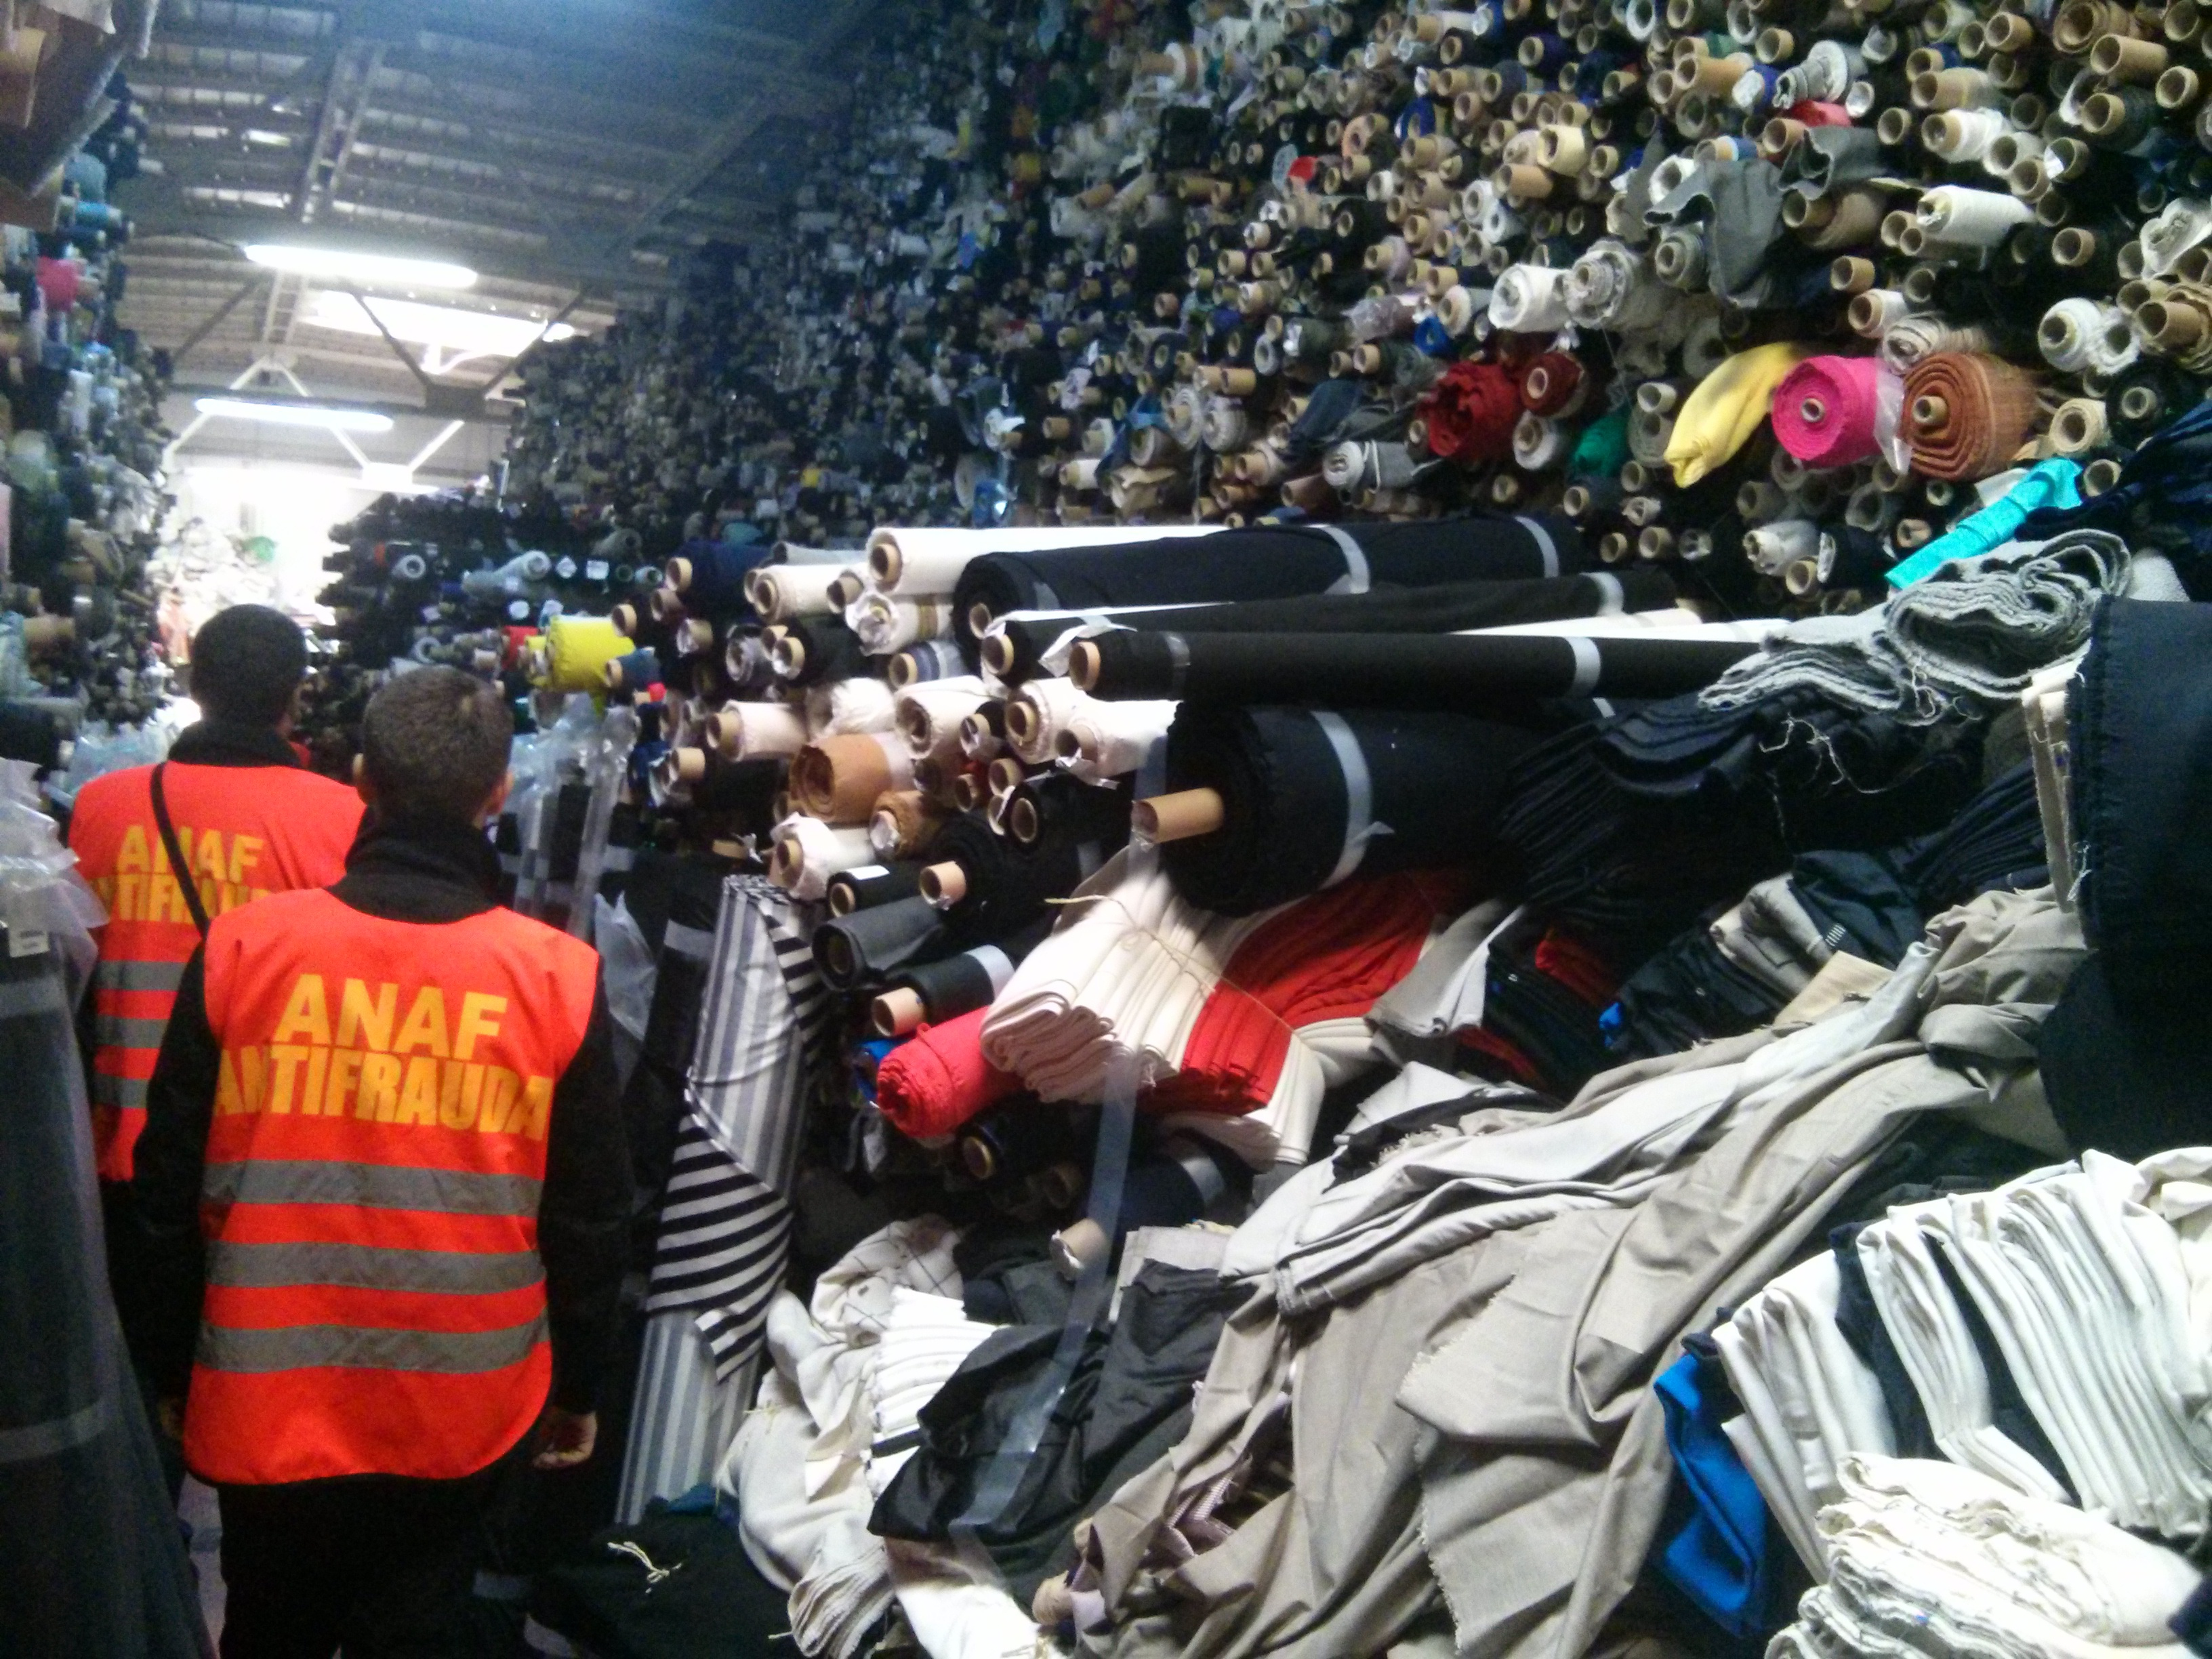 Inspectorii Antifraudă au dat amenzi şi confiscări de peste două milioane de lei în angrouri, în octombrie | FOTO